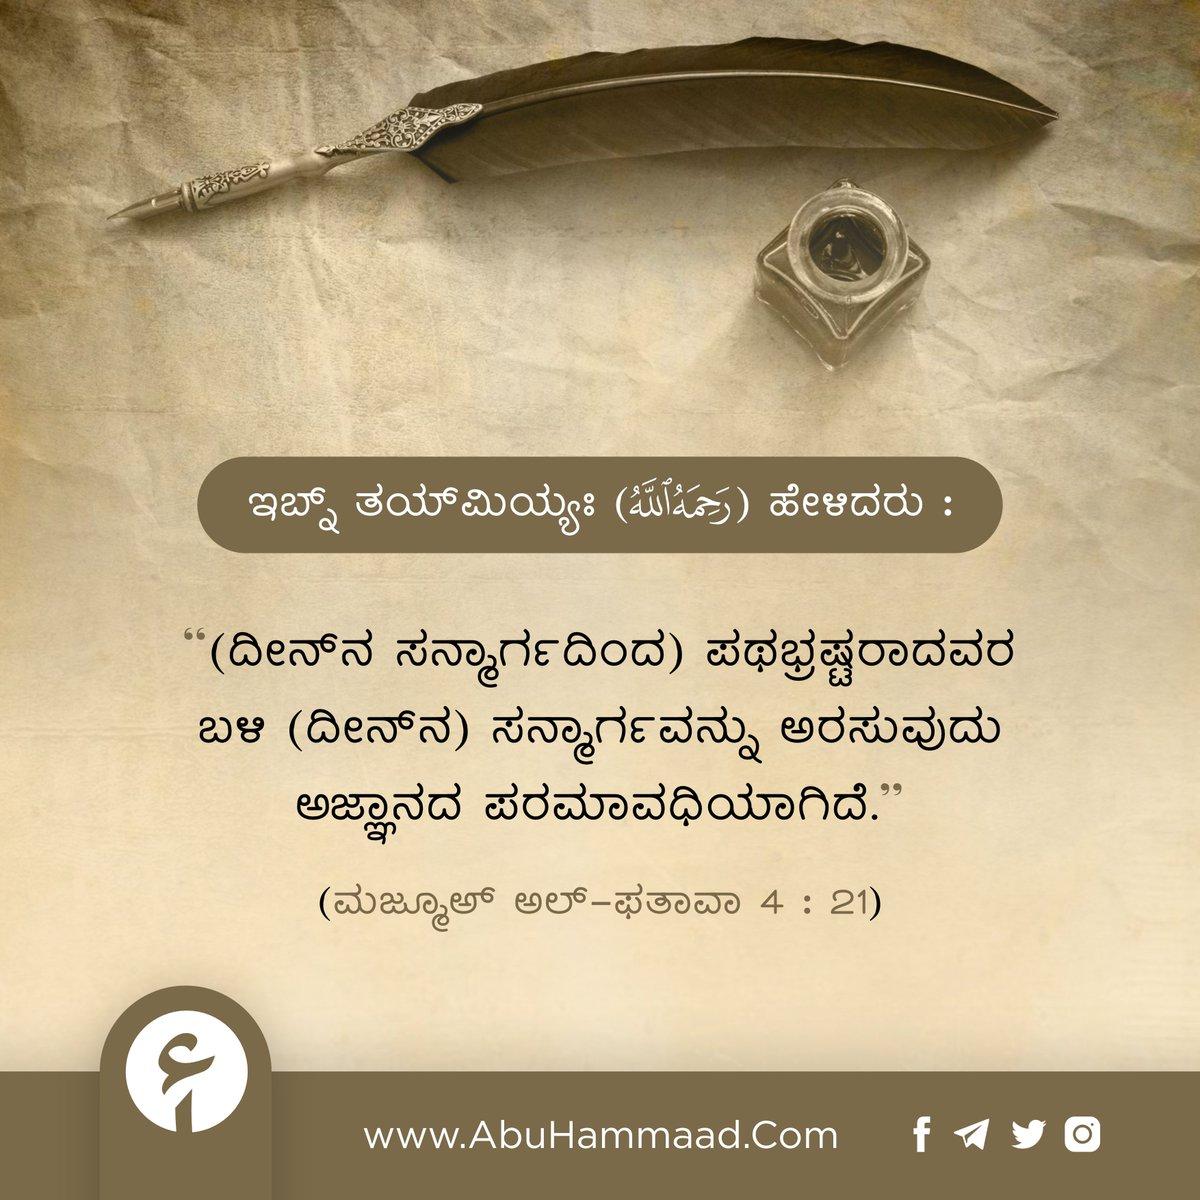 ದಾರಿಗೆಟ್ಟವರ ಬಳಿ ಸನ್ಮಾರ್ಗವನ್ನು ಅರಸುವುದೇ? . . . #islamkannada #kannada #islamickannadaposters #salafikannada #abuhammaad #mangalore #kannadaquotes #karnataka #ಇಸ್ಲಾಂ #ಇಸ್ಲಾಮ್ #ಕನ್ನಡ